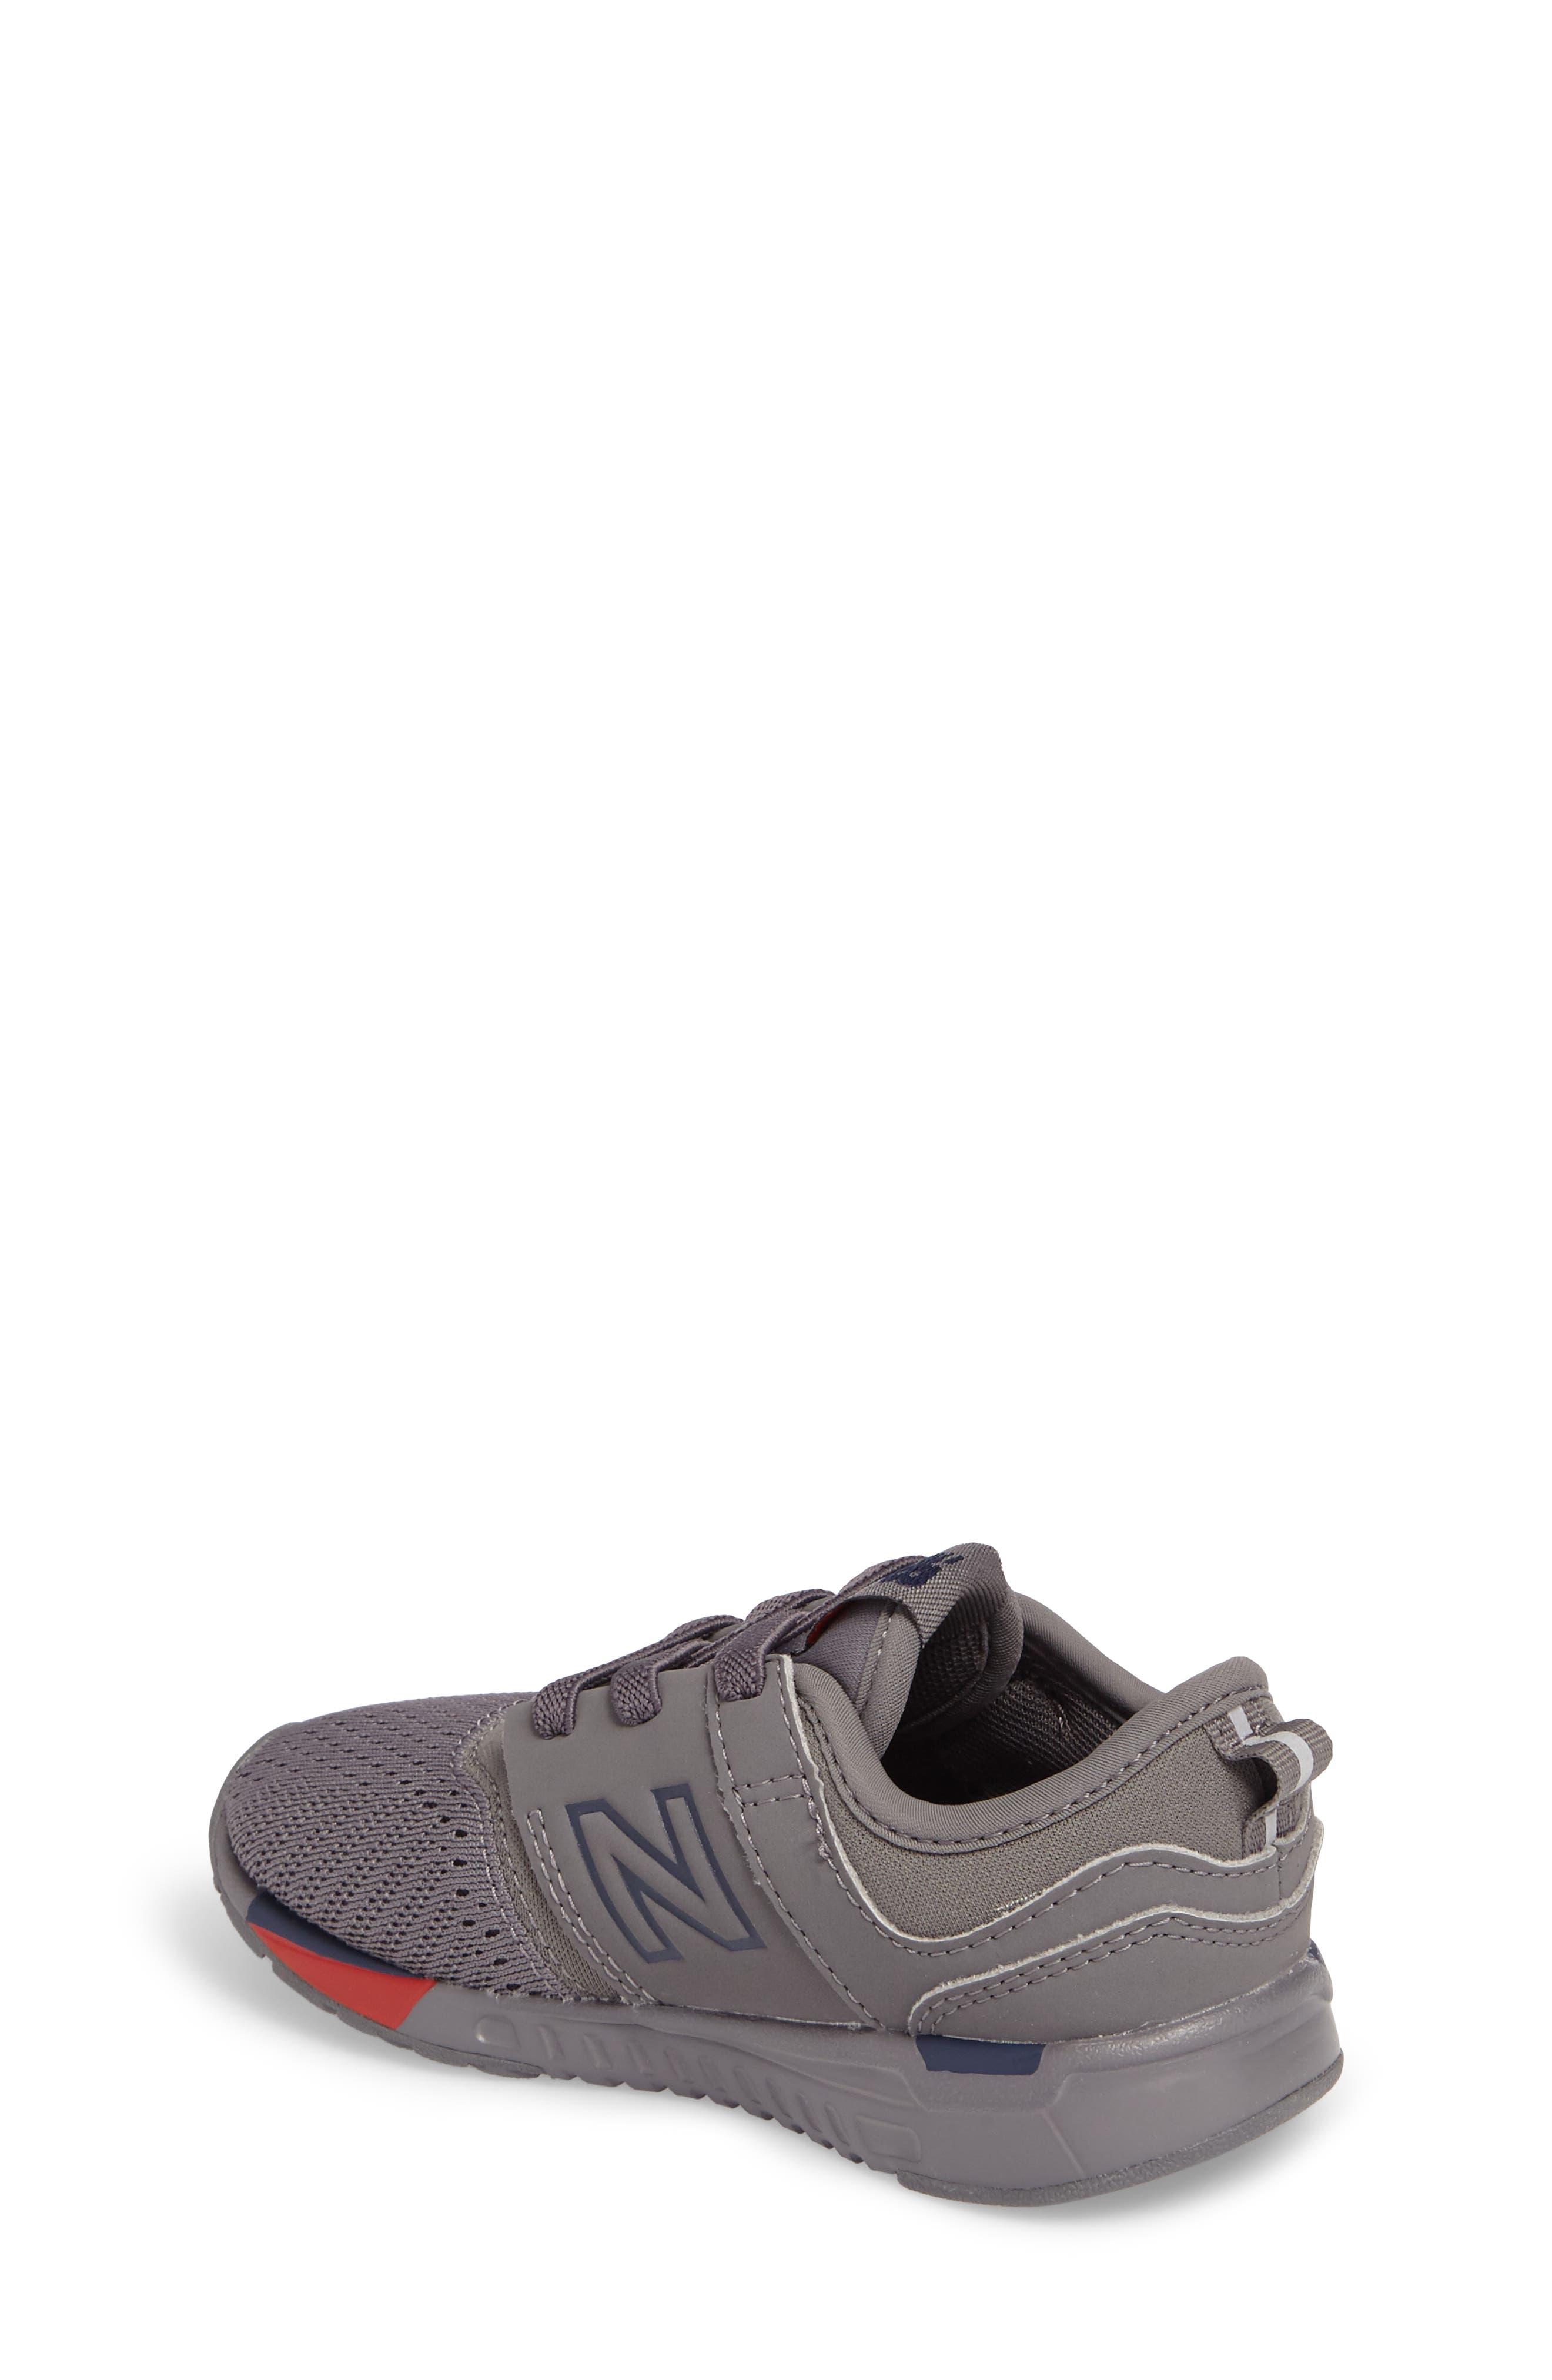 247 Sport Sneaker,                             Alternate thumbnail 2, color,                             039